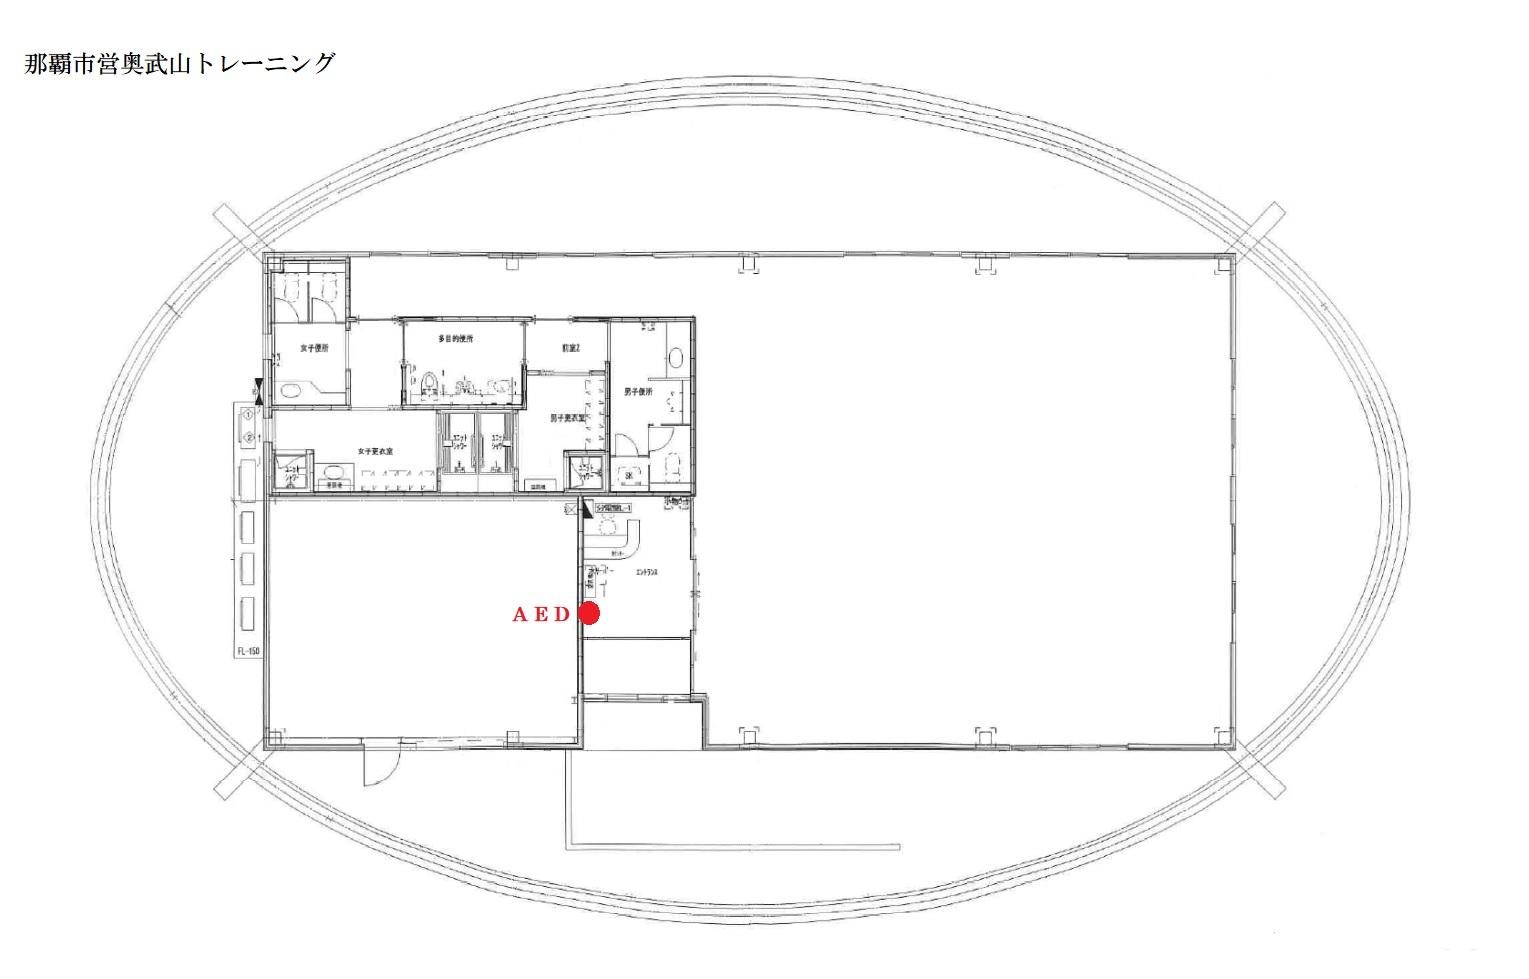 トレ室AED設置場所